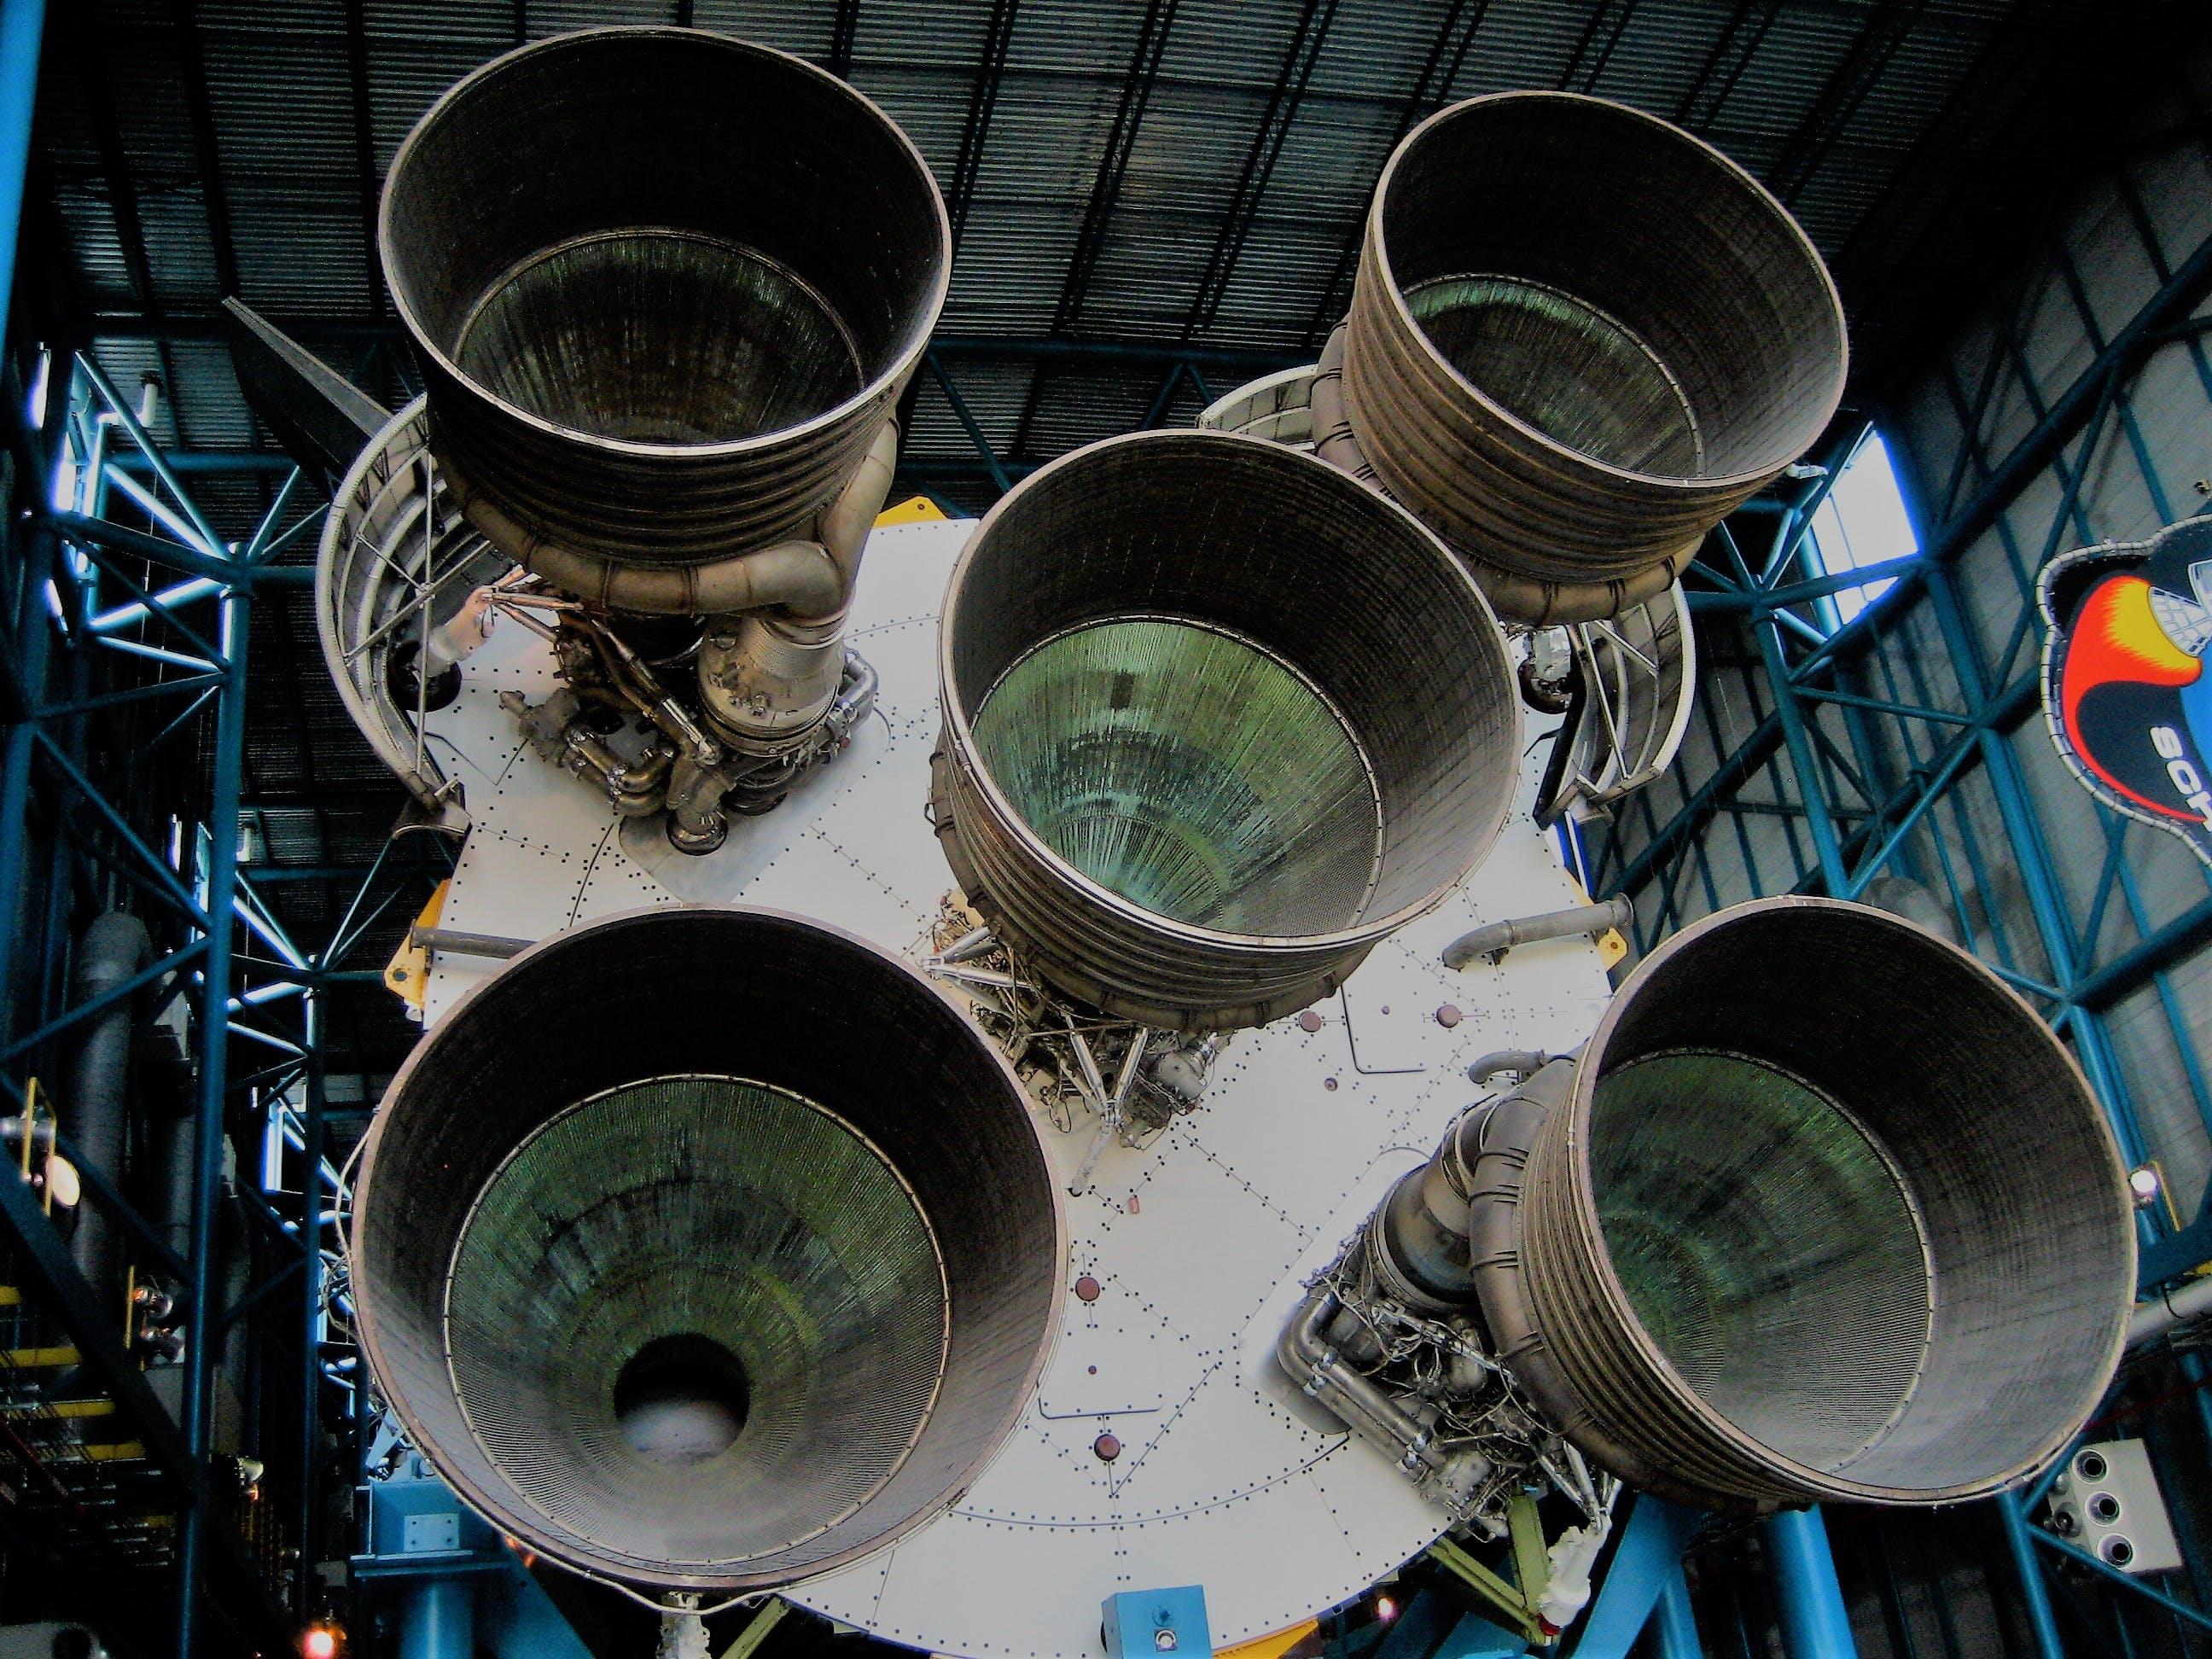 Gratis lagerfoto af bundraket, cape canaveral, raket, rumfærge